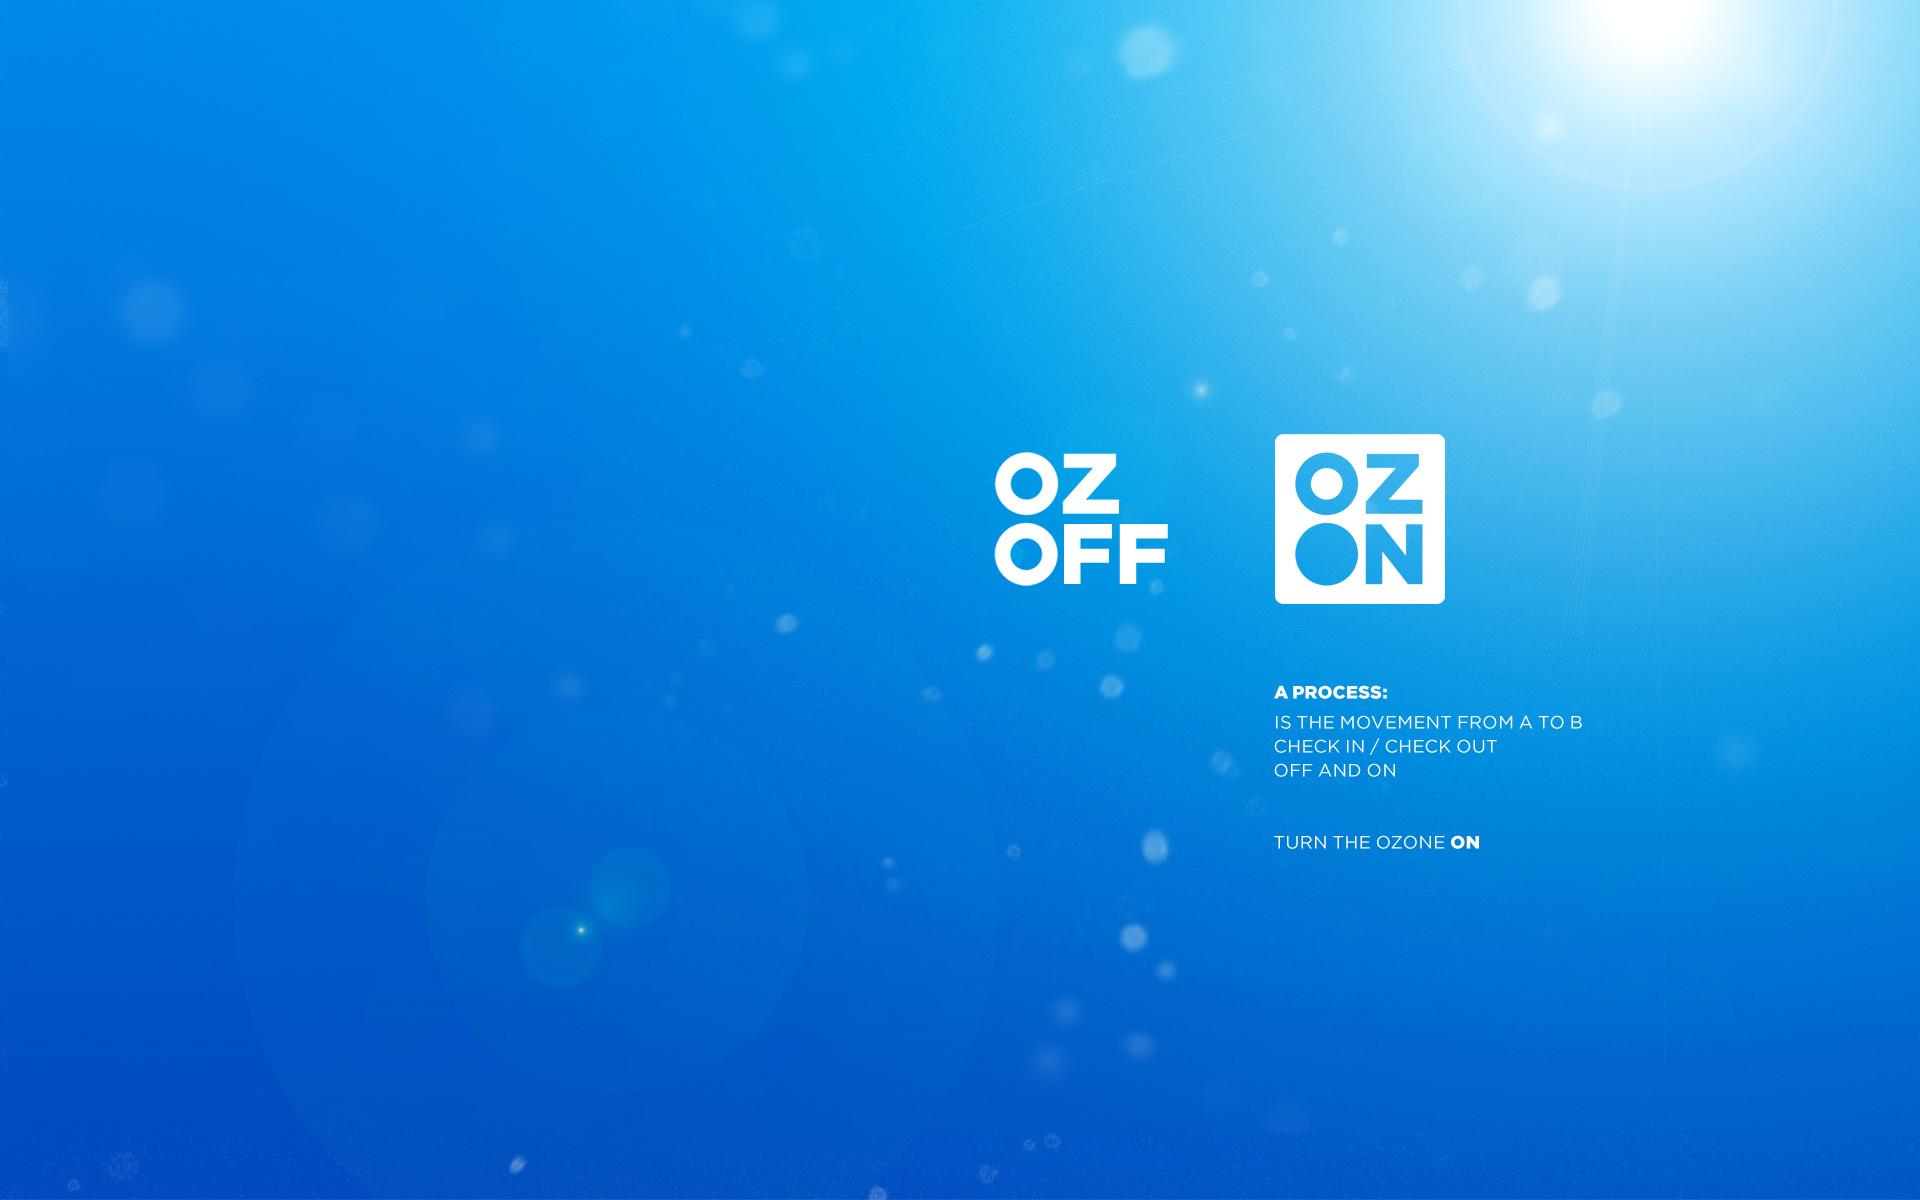 ozon_slide5.jpg